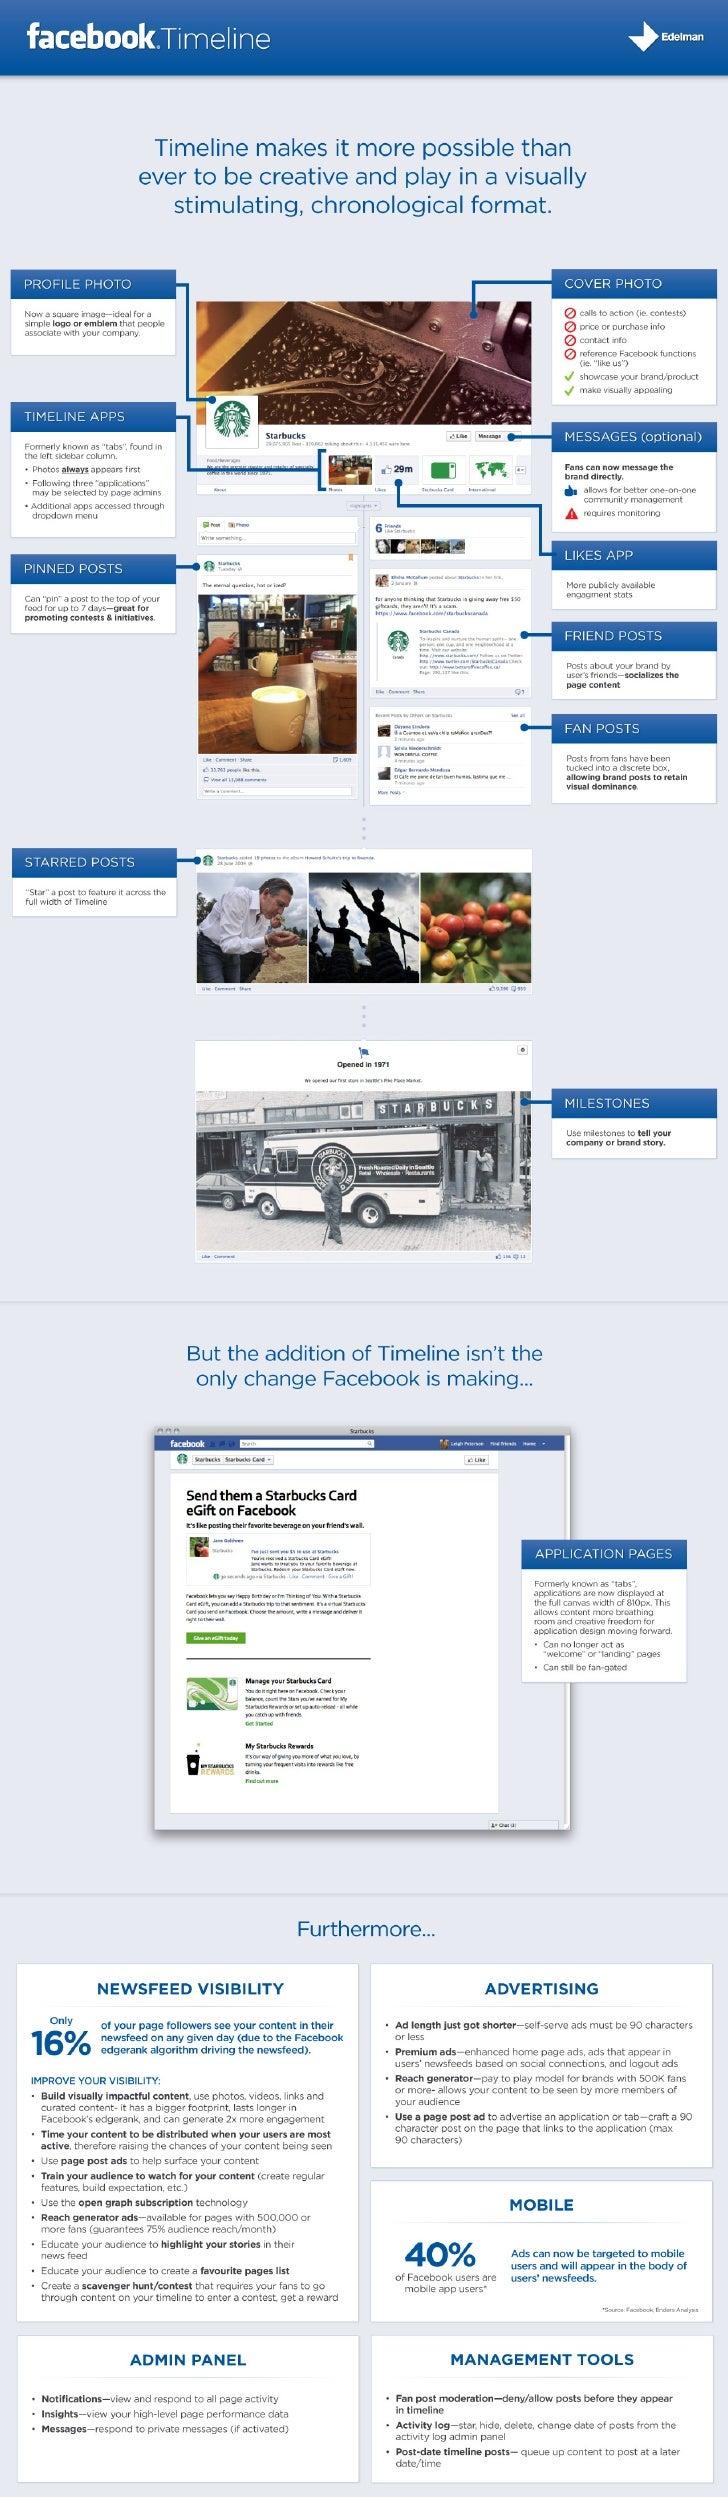 Facebook Timeline Overview